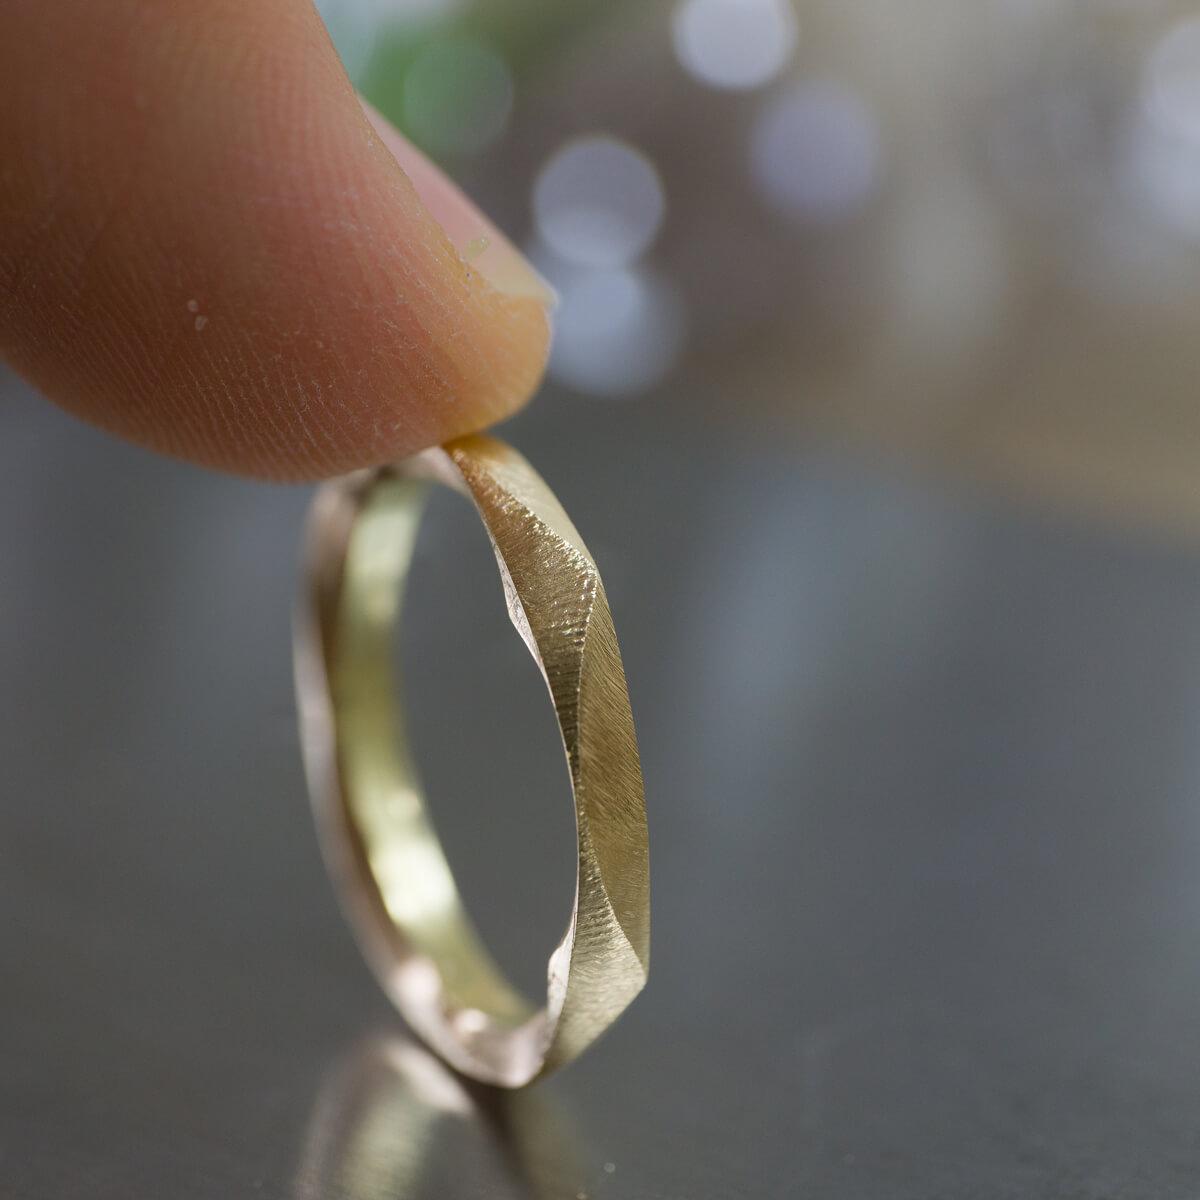 角度2 オーダーメイドマリッジリングの制作風景 ジュエリーのアトリエ 作業場に指輪 ゴールド 屋久島で作る結婚指輪